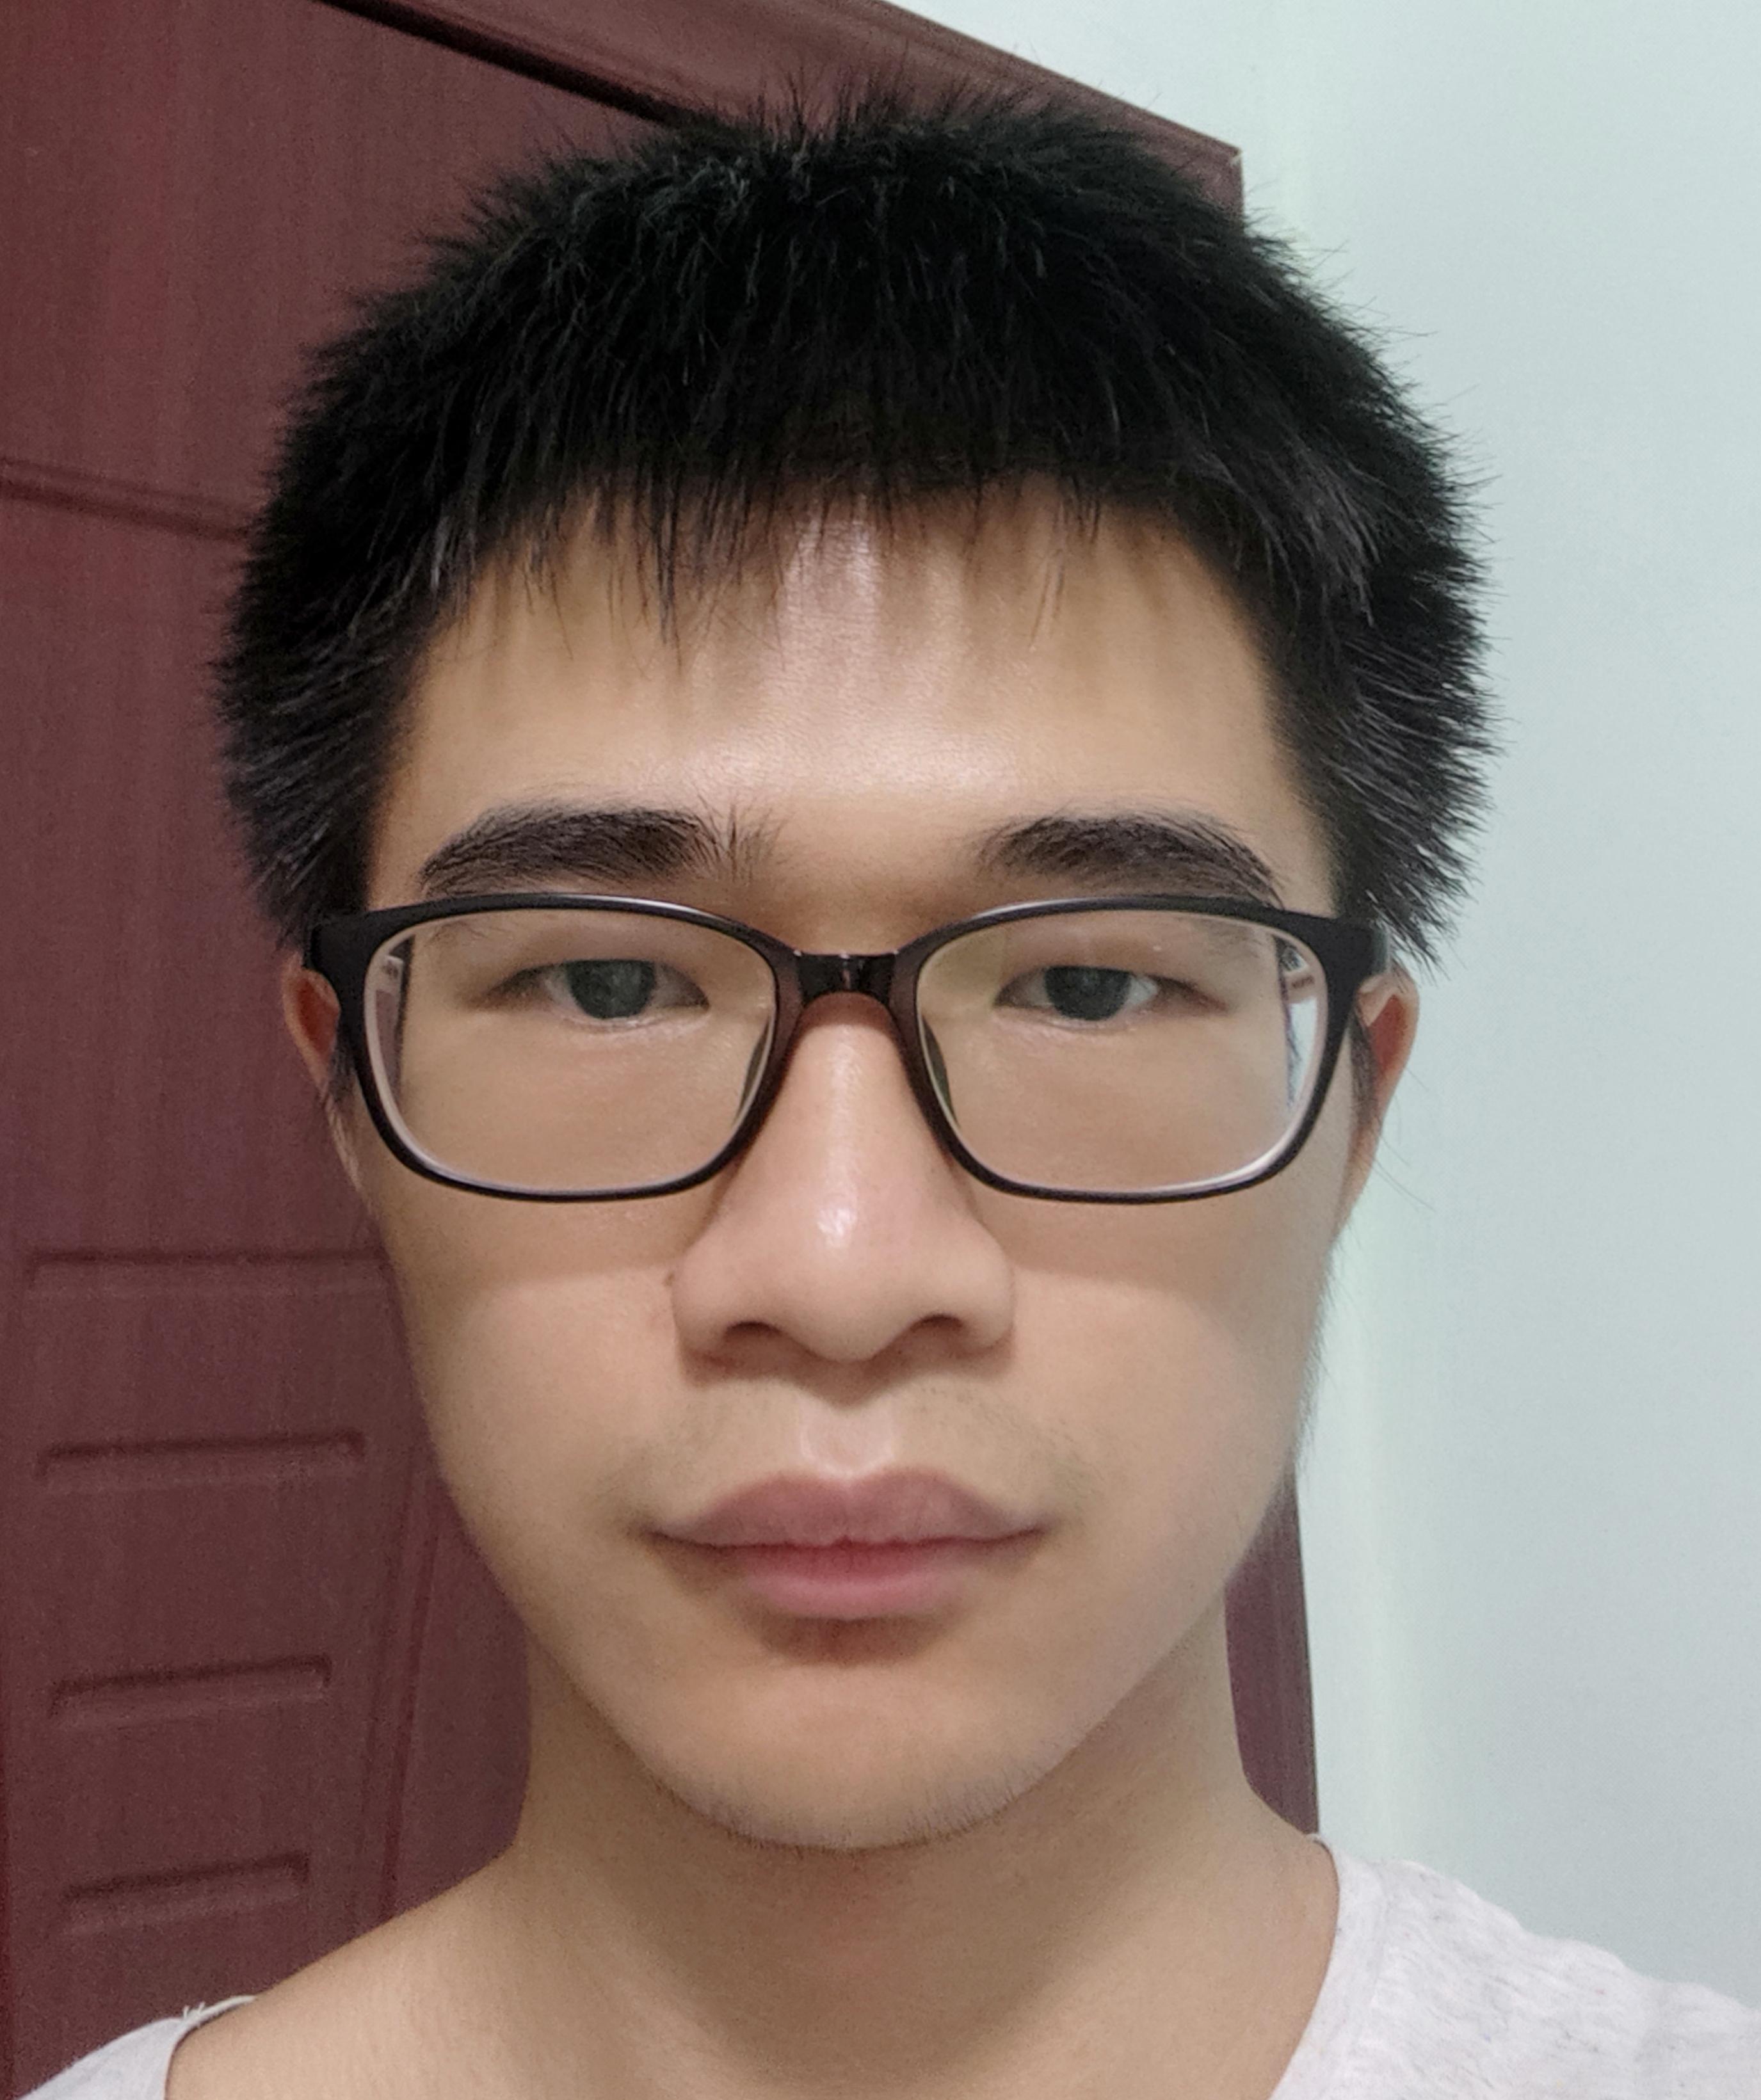 桂林家教容教员